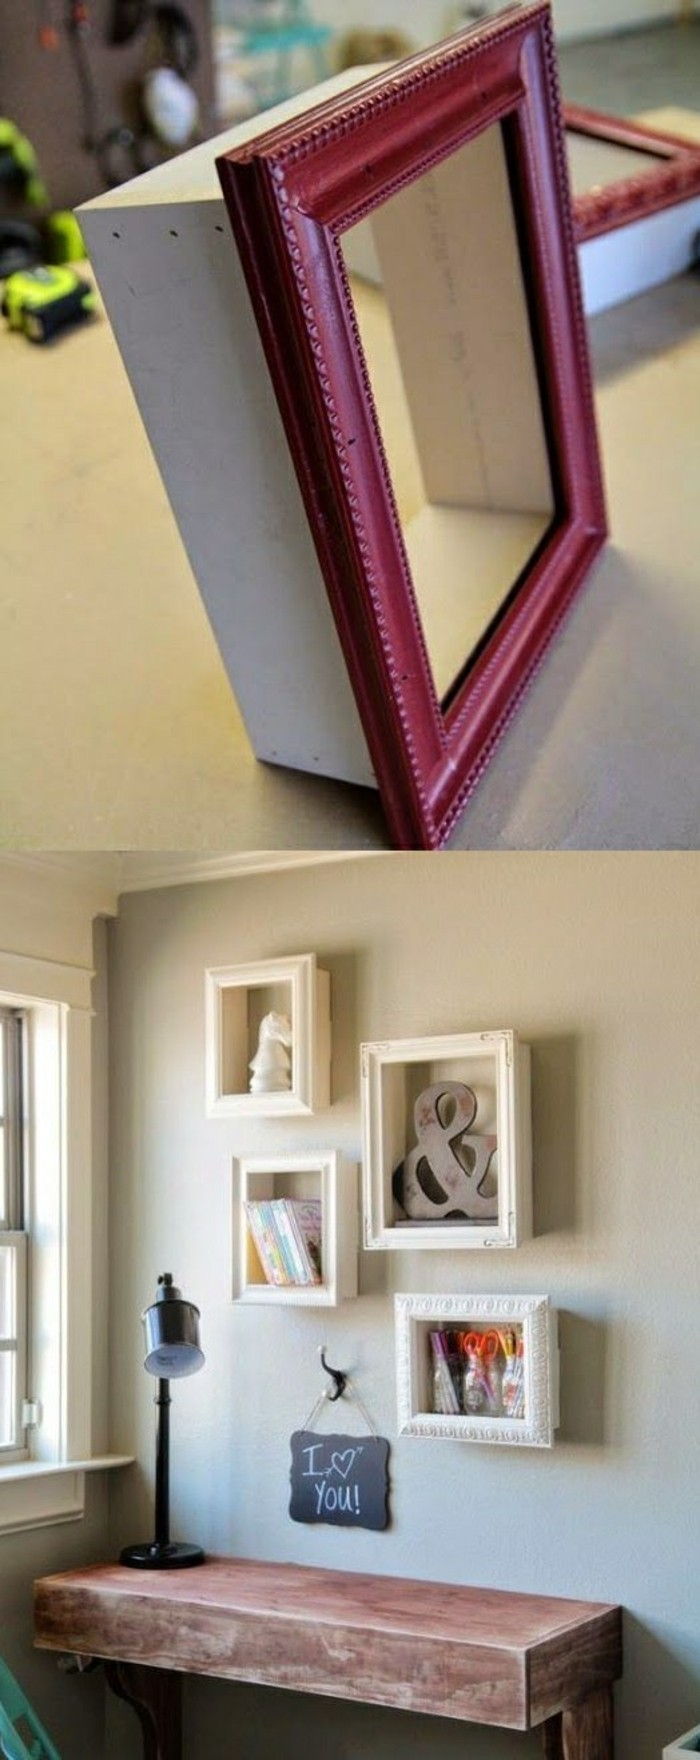 diy ideen für ihr zuhause: die kreativität kennt keine grenzen, Wohnzimmer dekoo